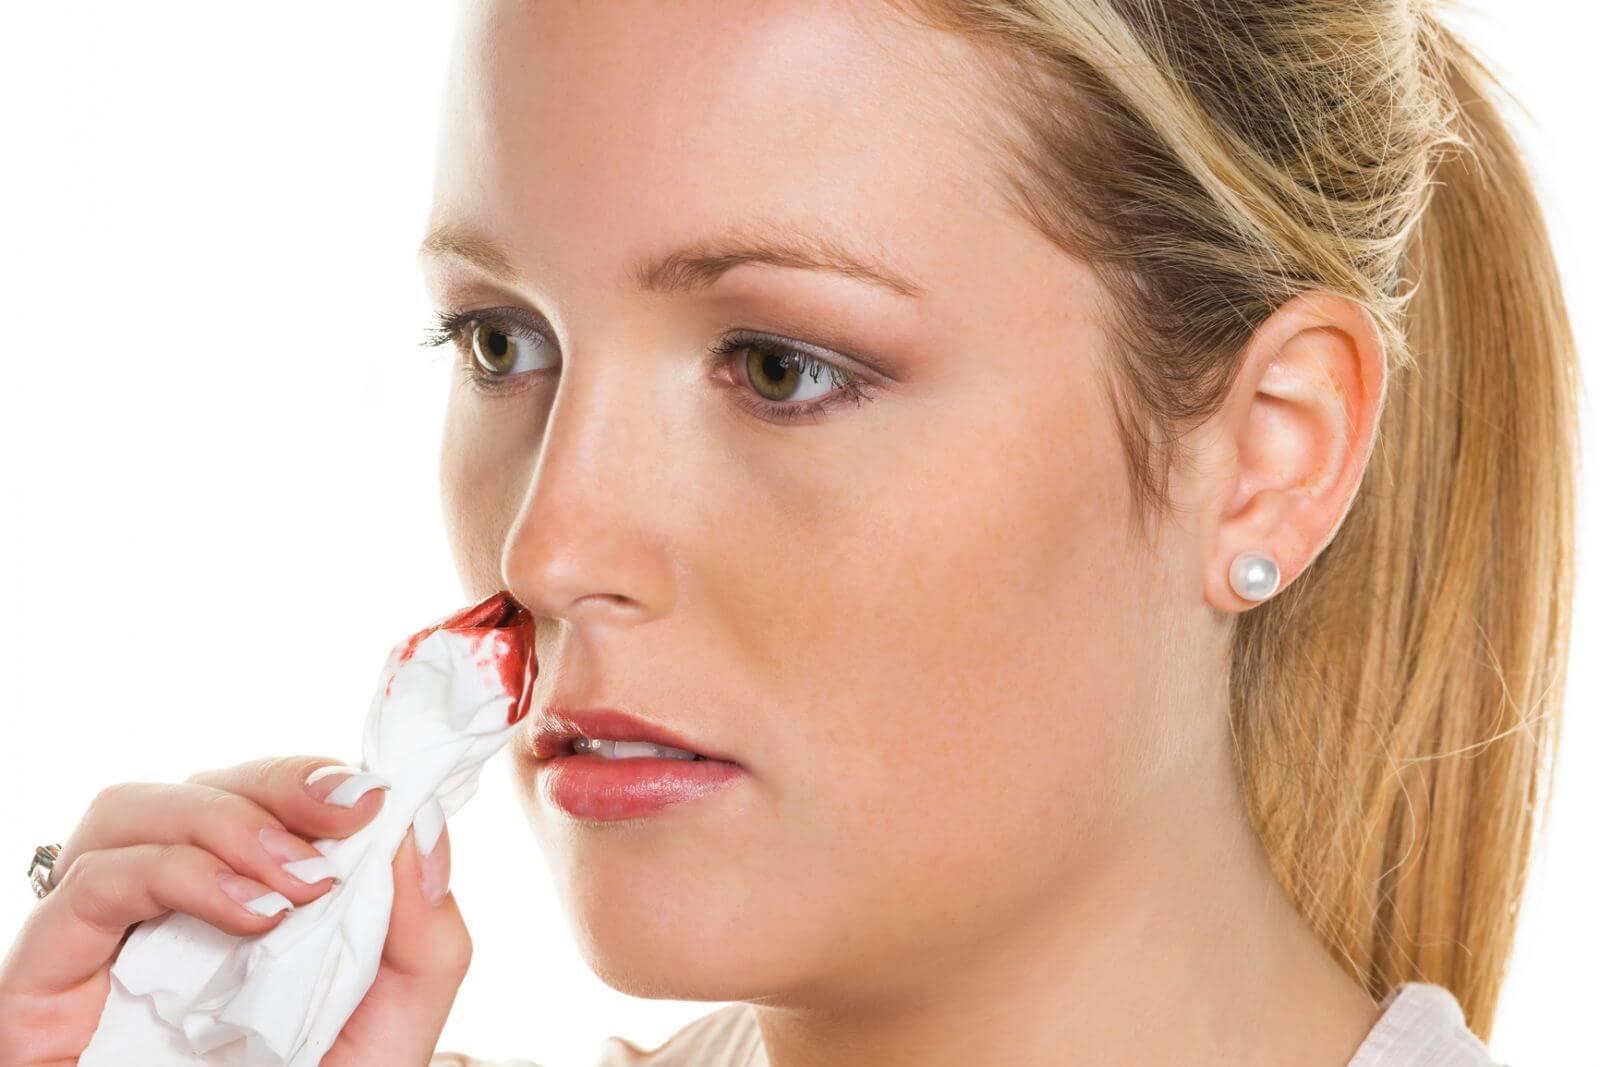 Пошла кровь из носа: что делать, чтобы ее остановить?